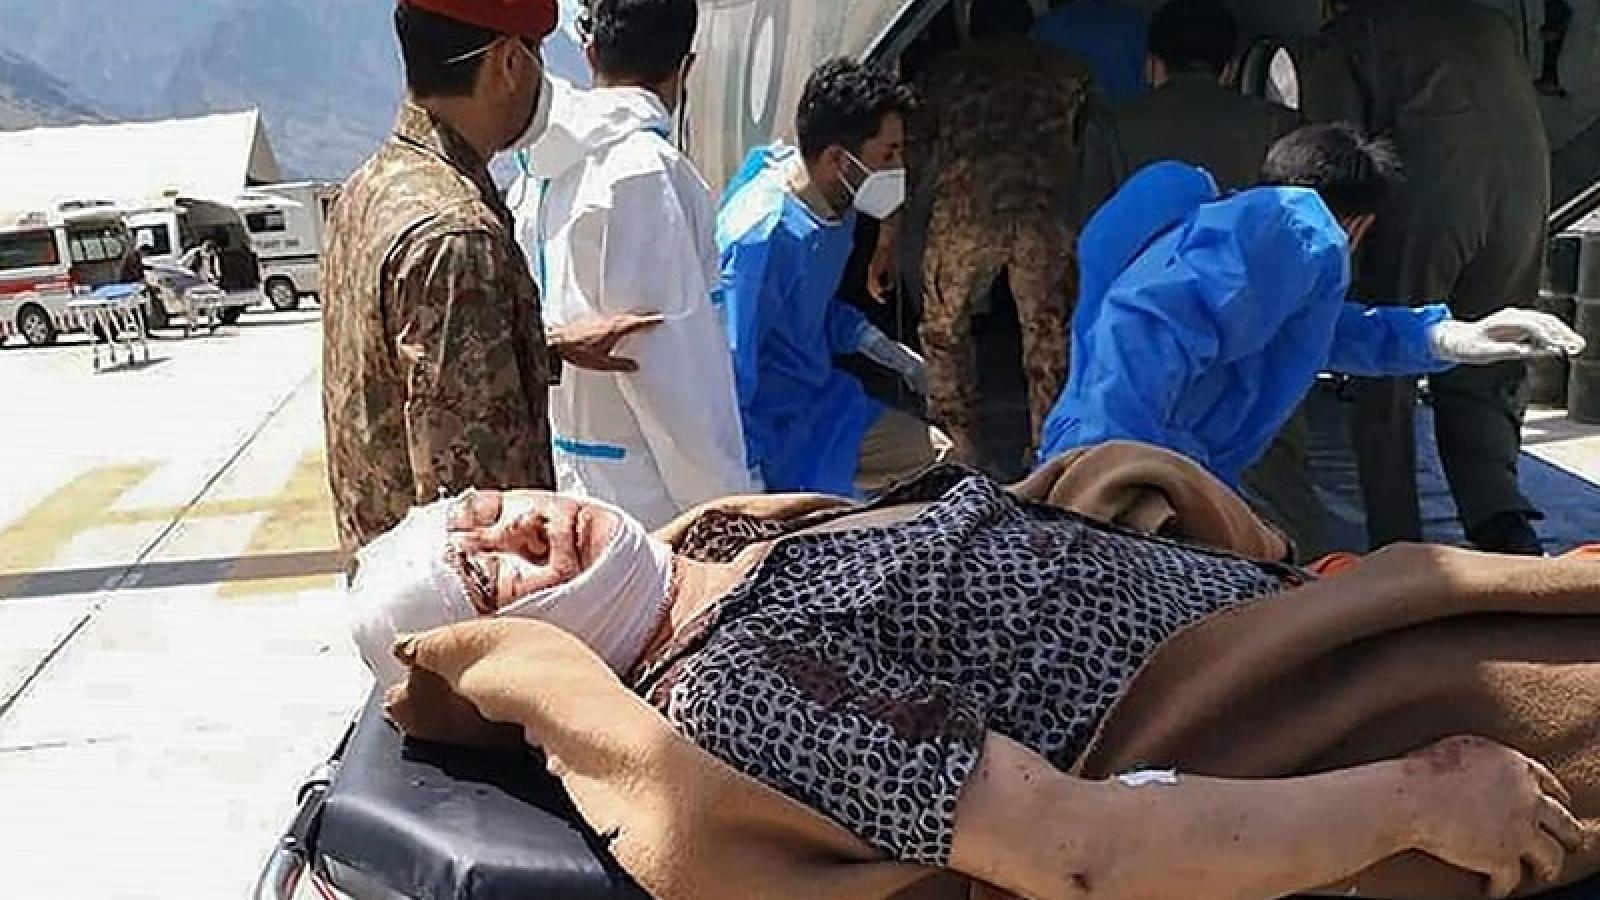 15 quan chức Trung Quốc tới Pakistan điều tra vụ nổ xe bus